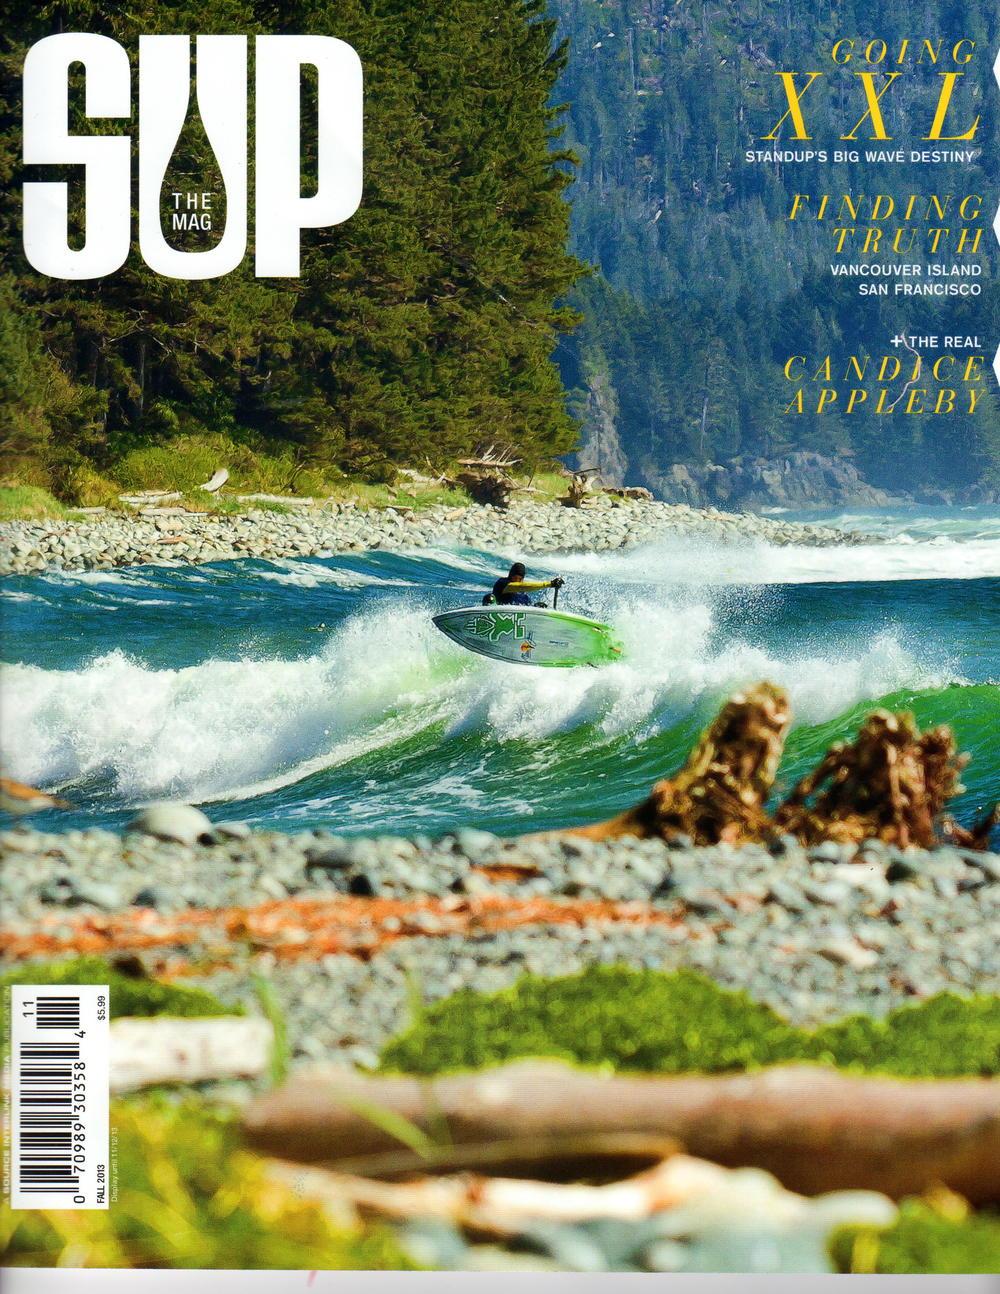 Zane SUP mag cover.jpg